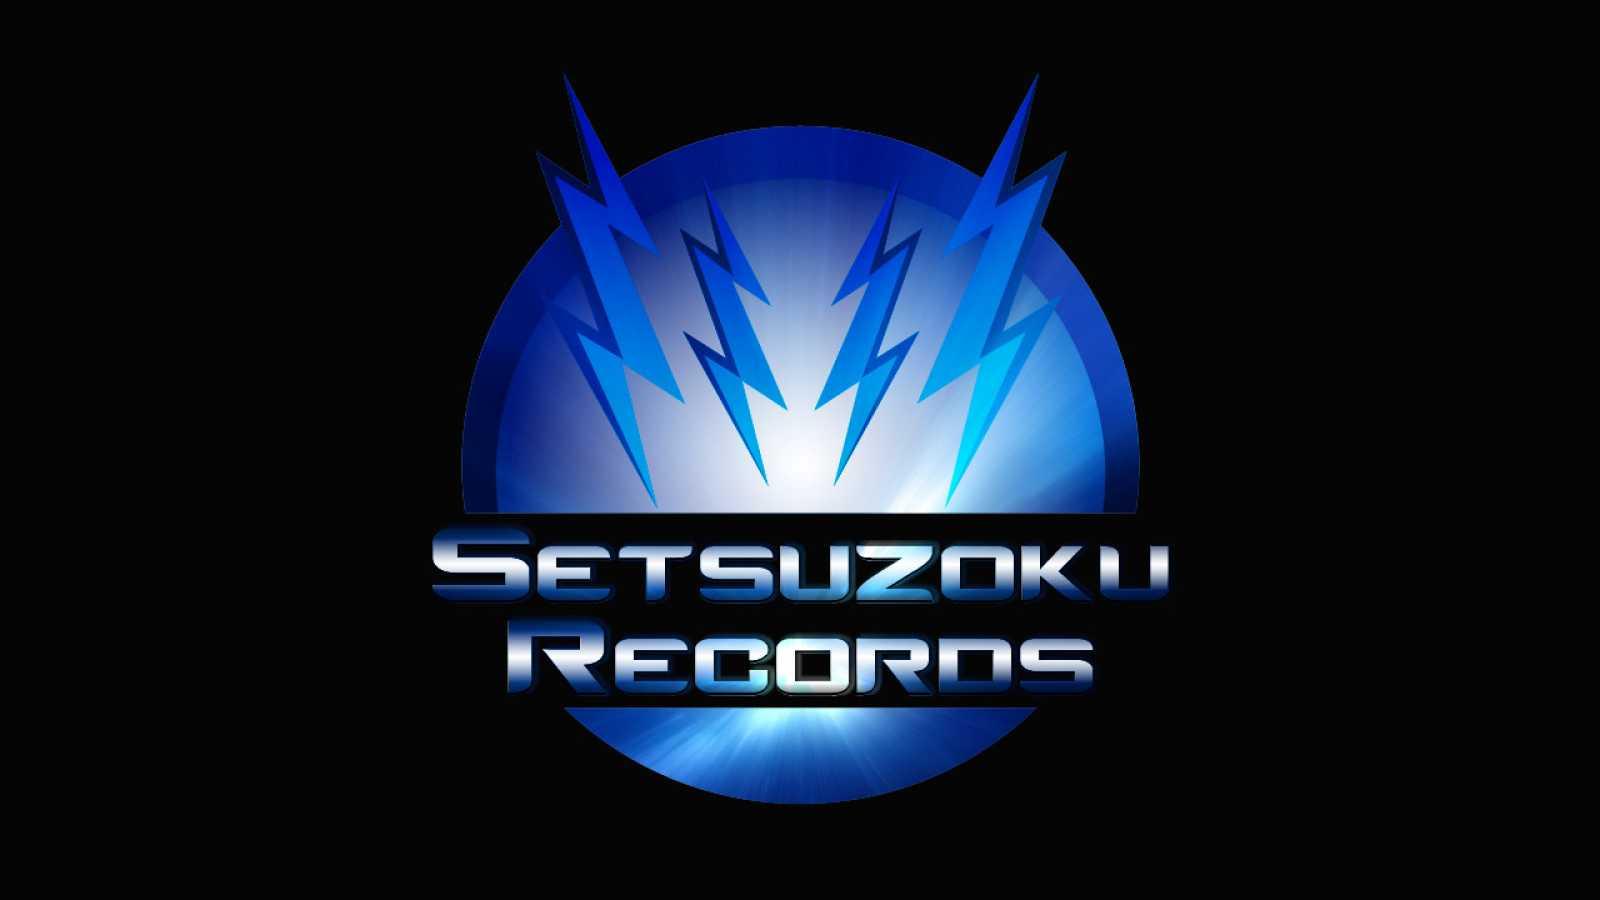 ORIONlive lance un nouveau label dédié aux artistes japonais